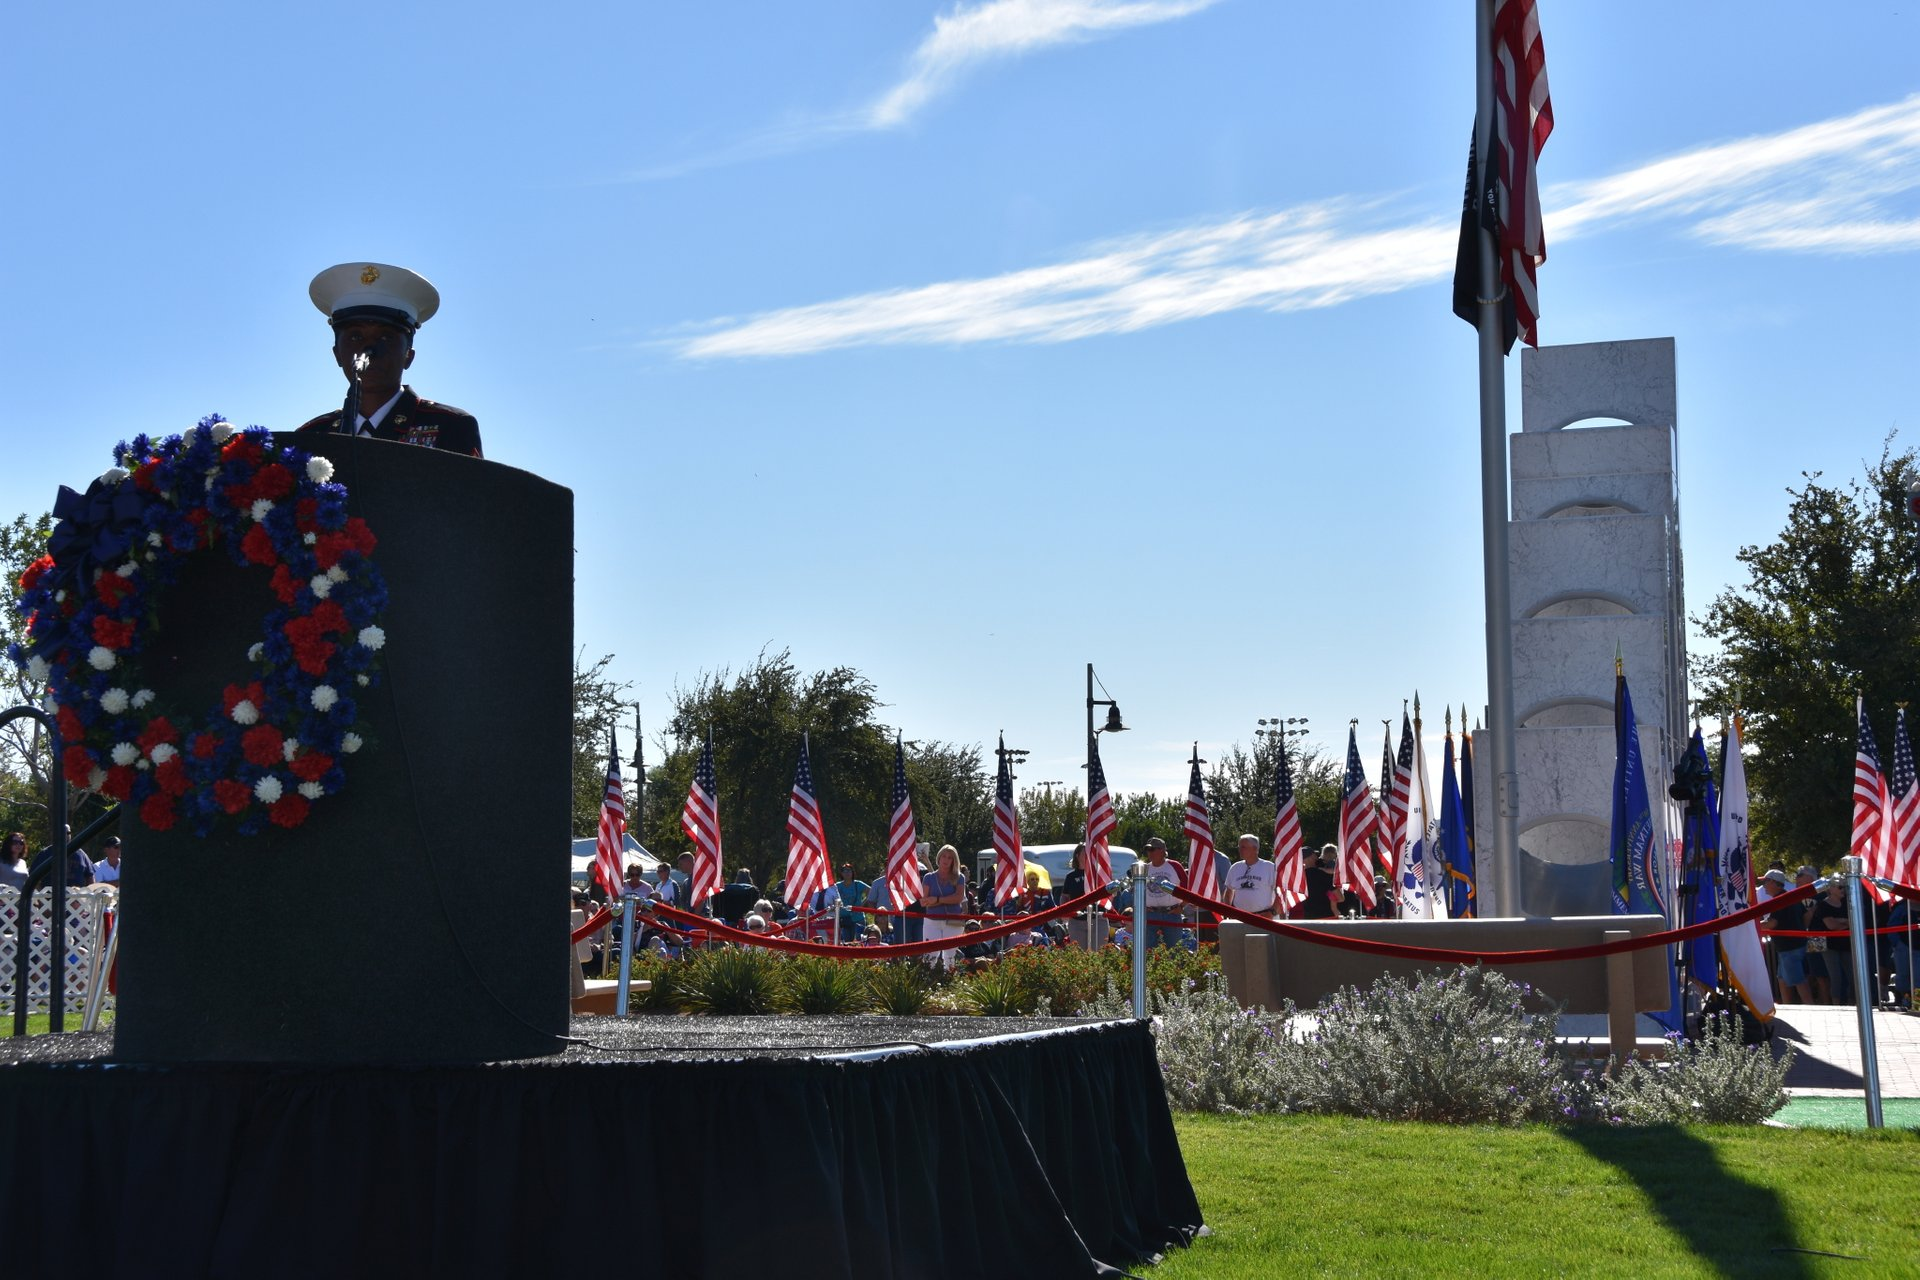 Best time for Solar Spotlight at the Anthem Veterans Memorial 2019